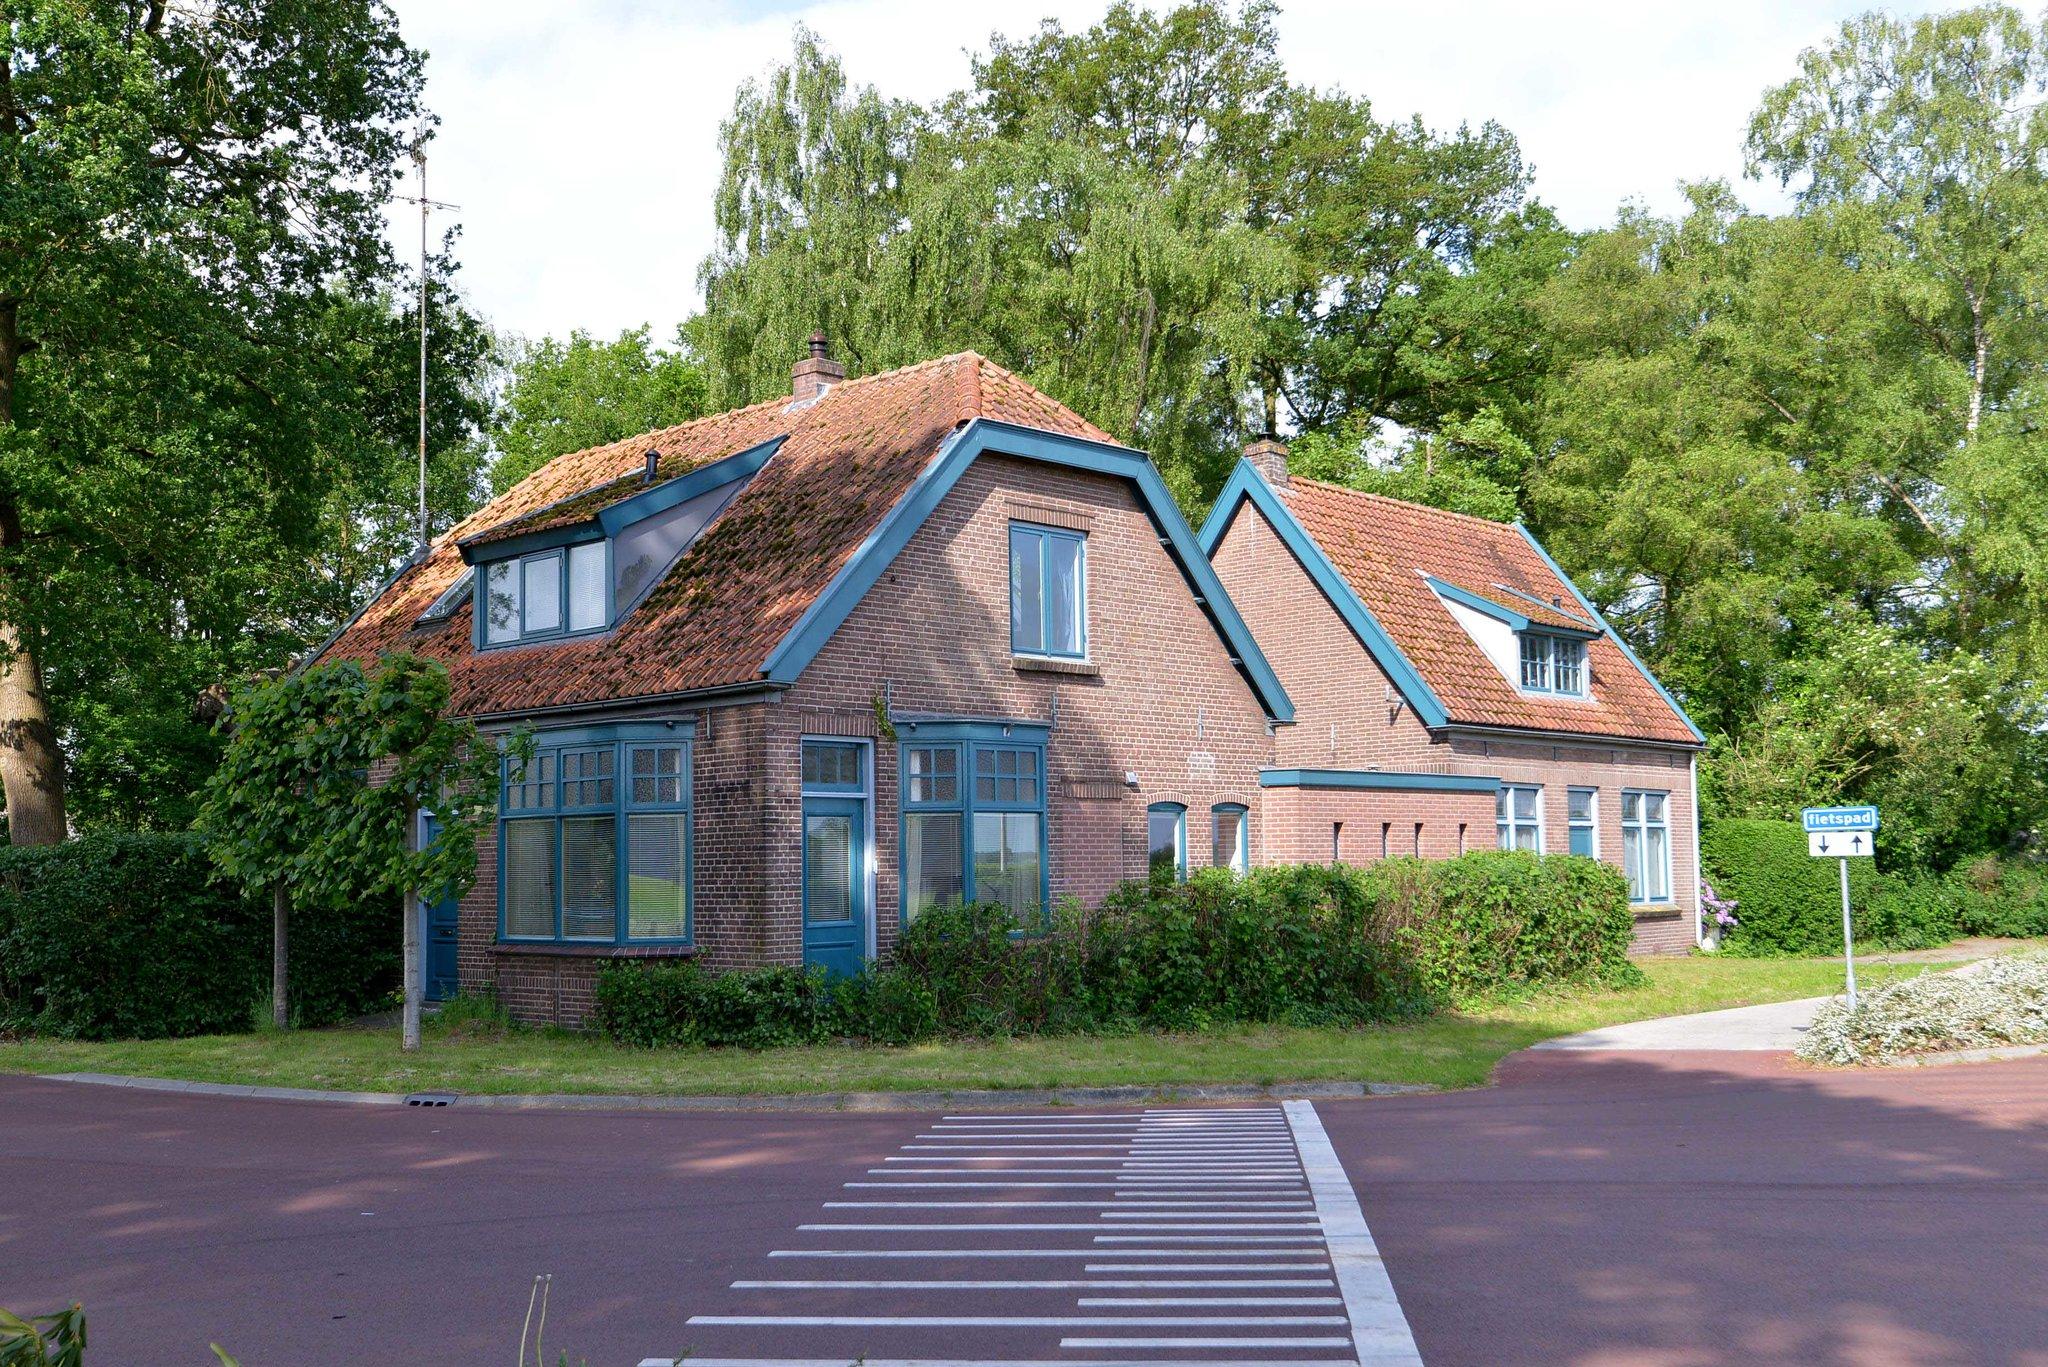 olst-boxbergerweg-4003964-foto-3.jpg